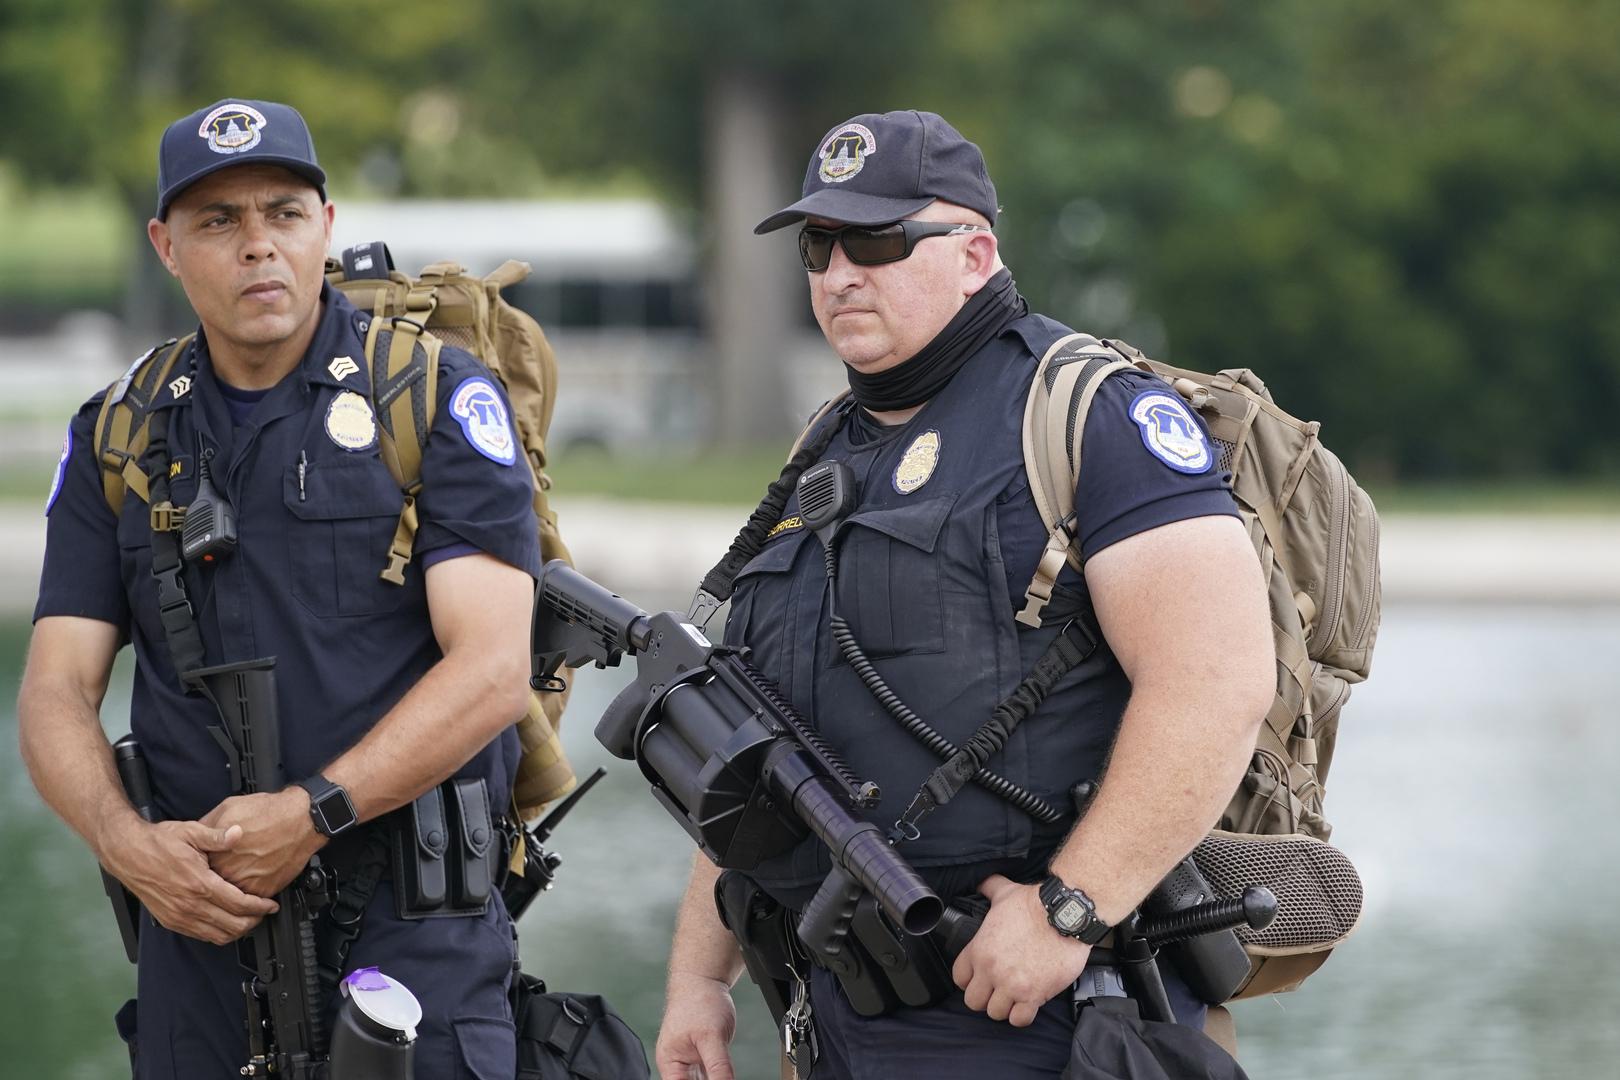 بيانات: العنف المسلح في الولايات المتحدة في تصاعد مستمر